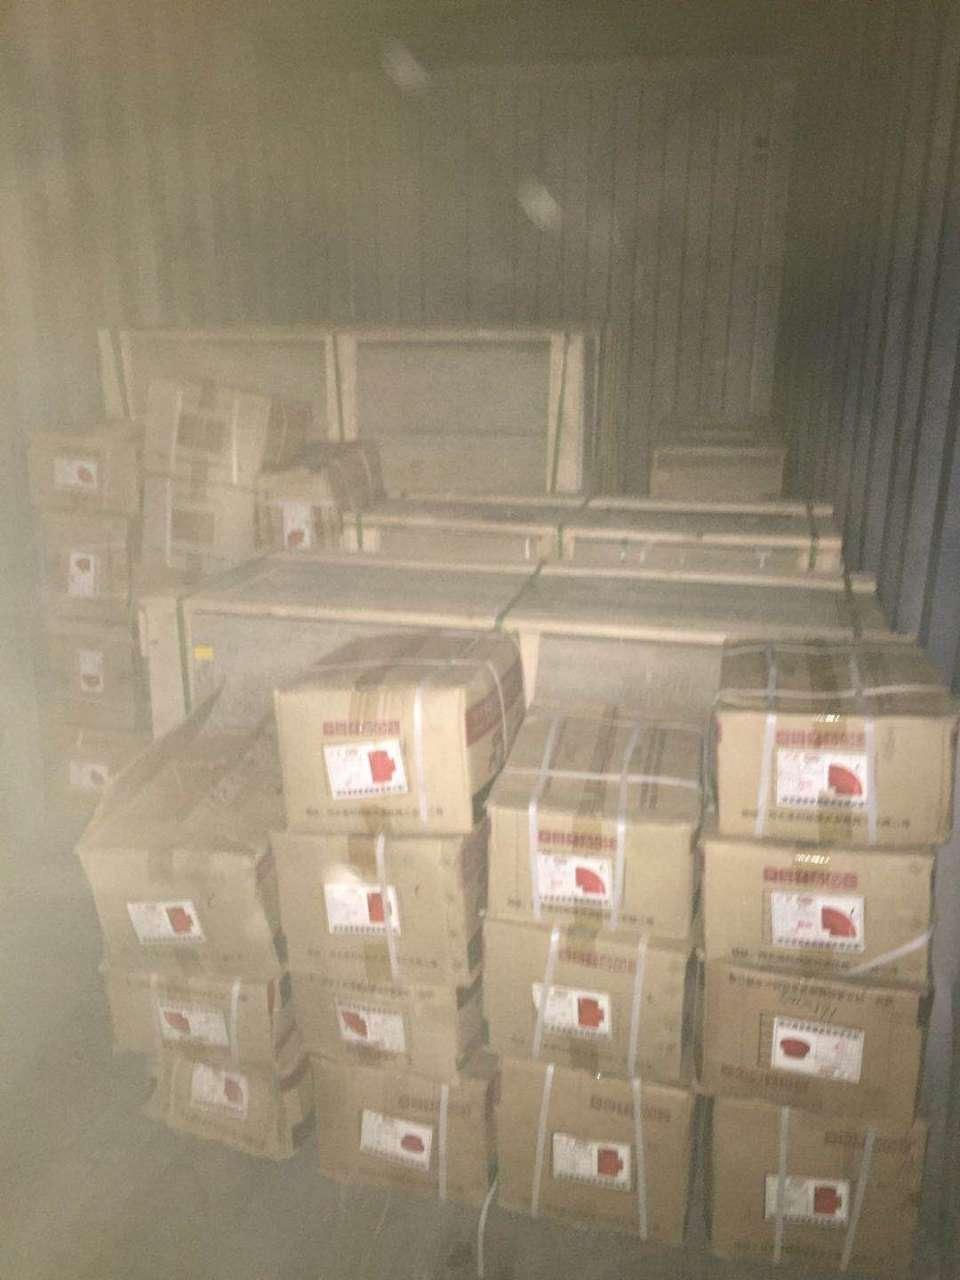 中国至柬埔寨,缅甸,越南等   海陆空时刻准备为您服务  可代找货源供应商